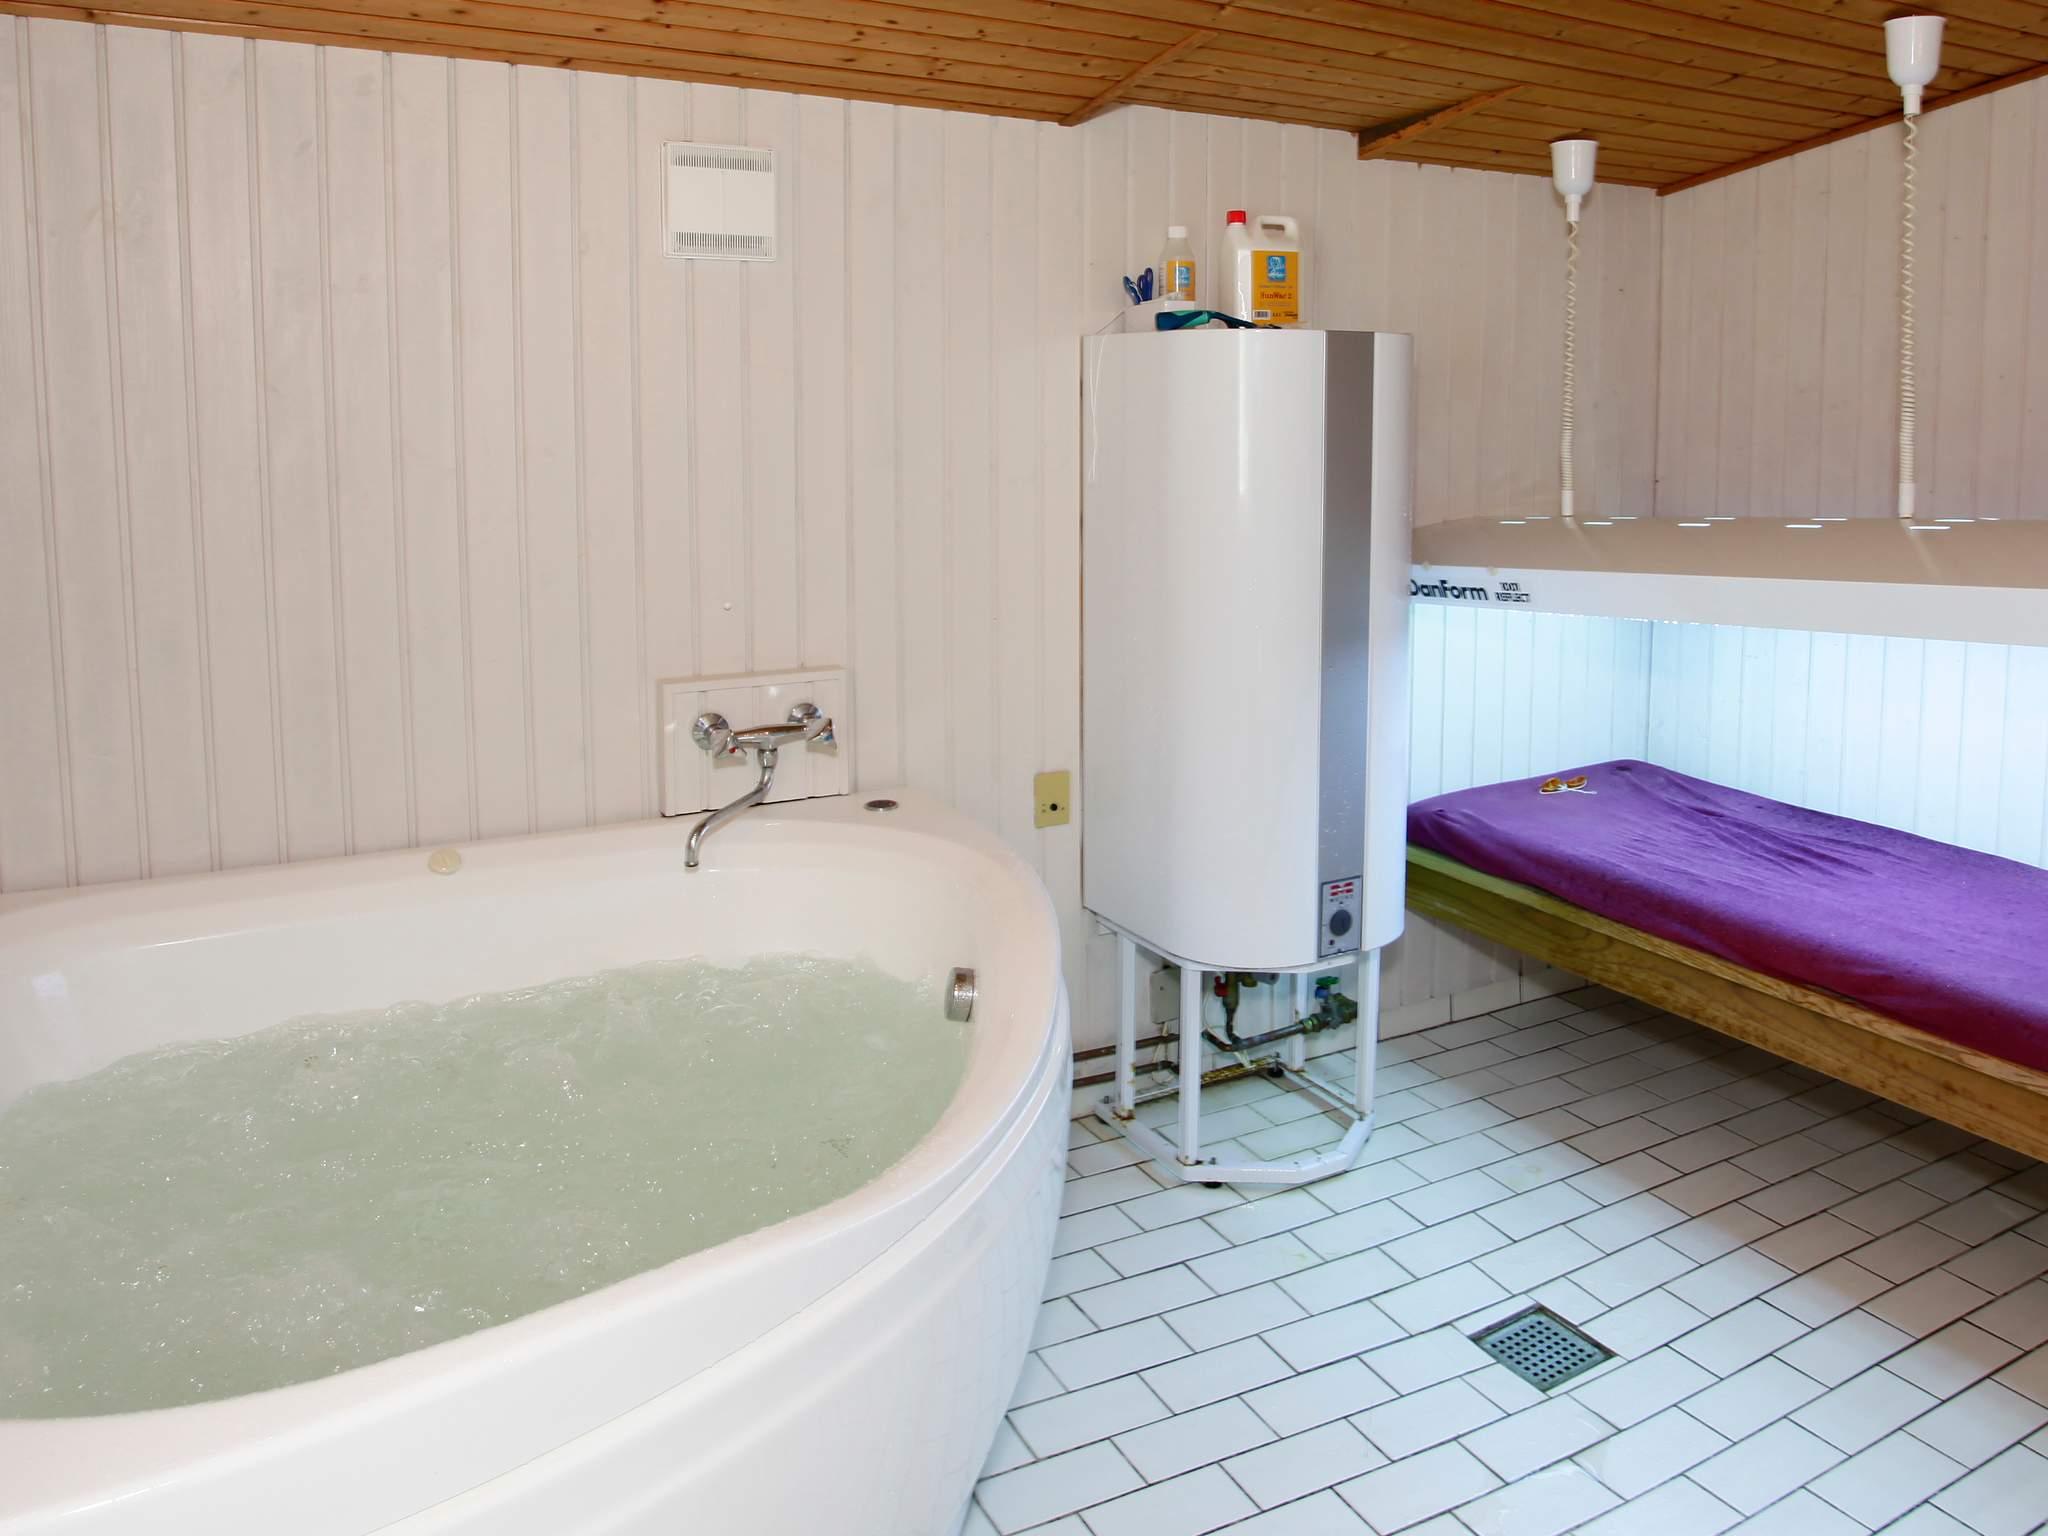 Ferienhaus Hummingen (81995), Hummingen, , Lolland, Dänemark, Bild 24